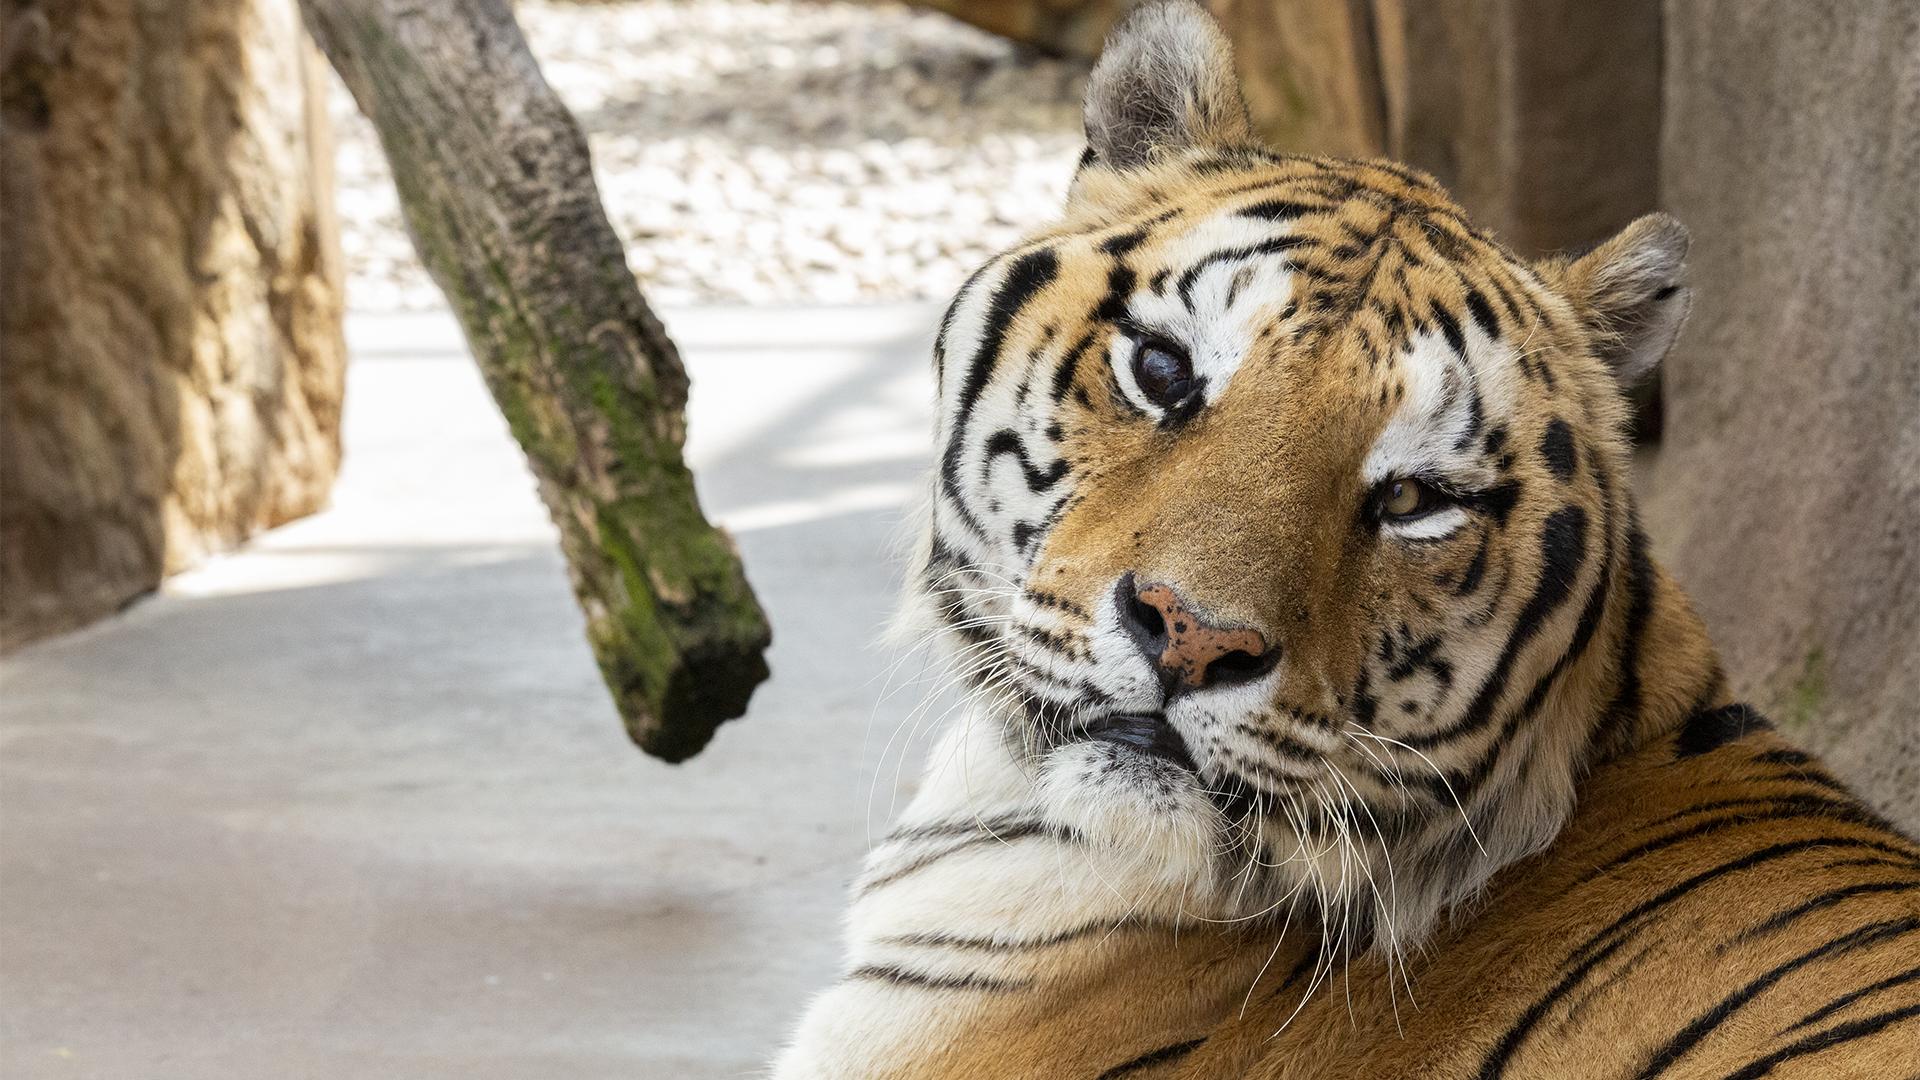 Bengal tiger at Lake Tobias Wildlife Park